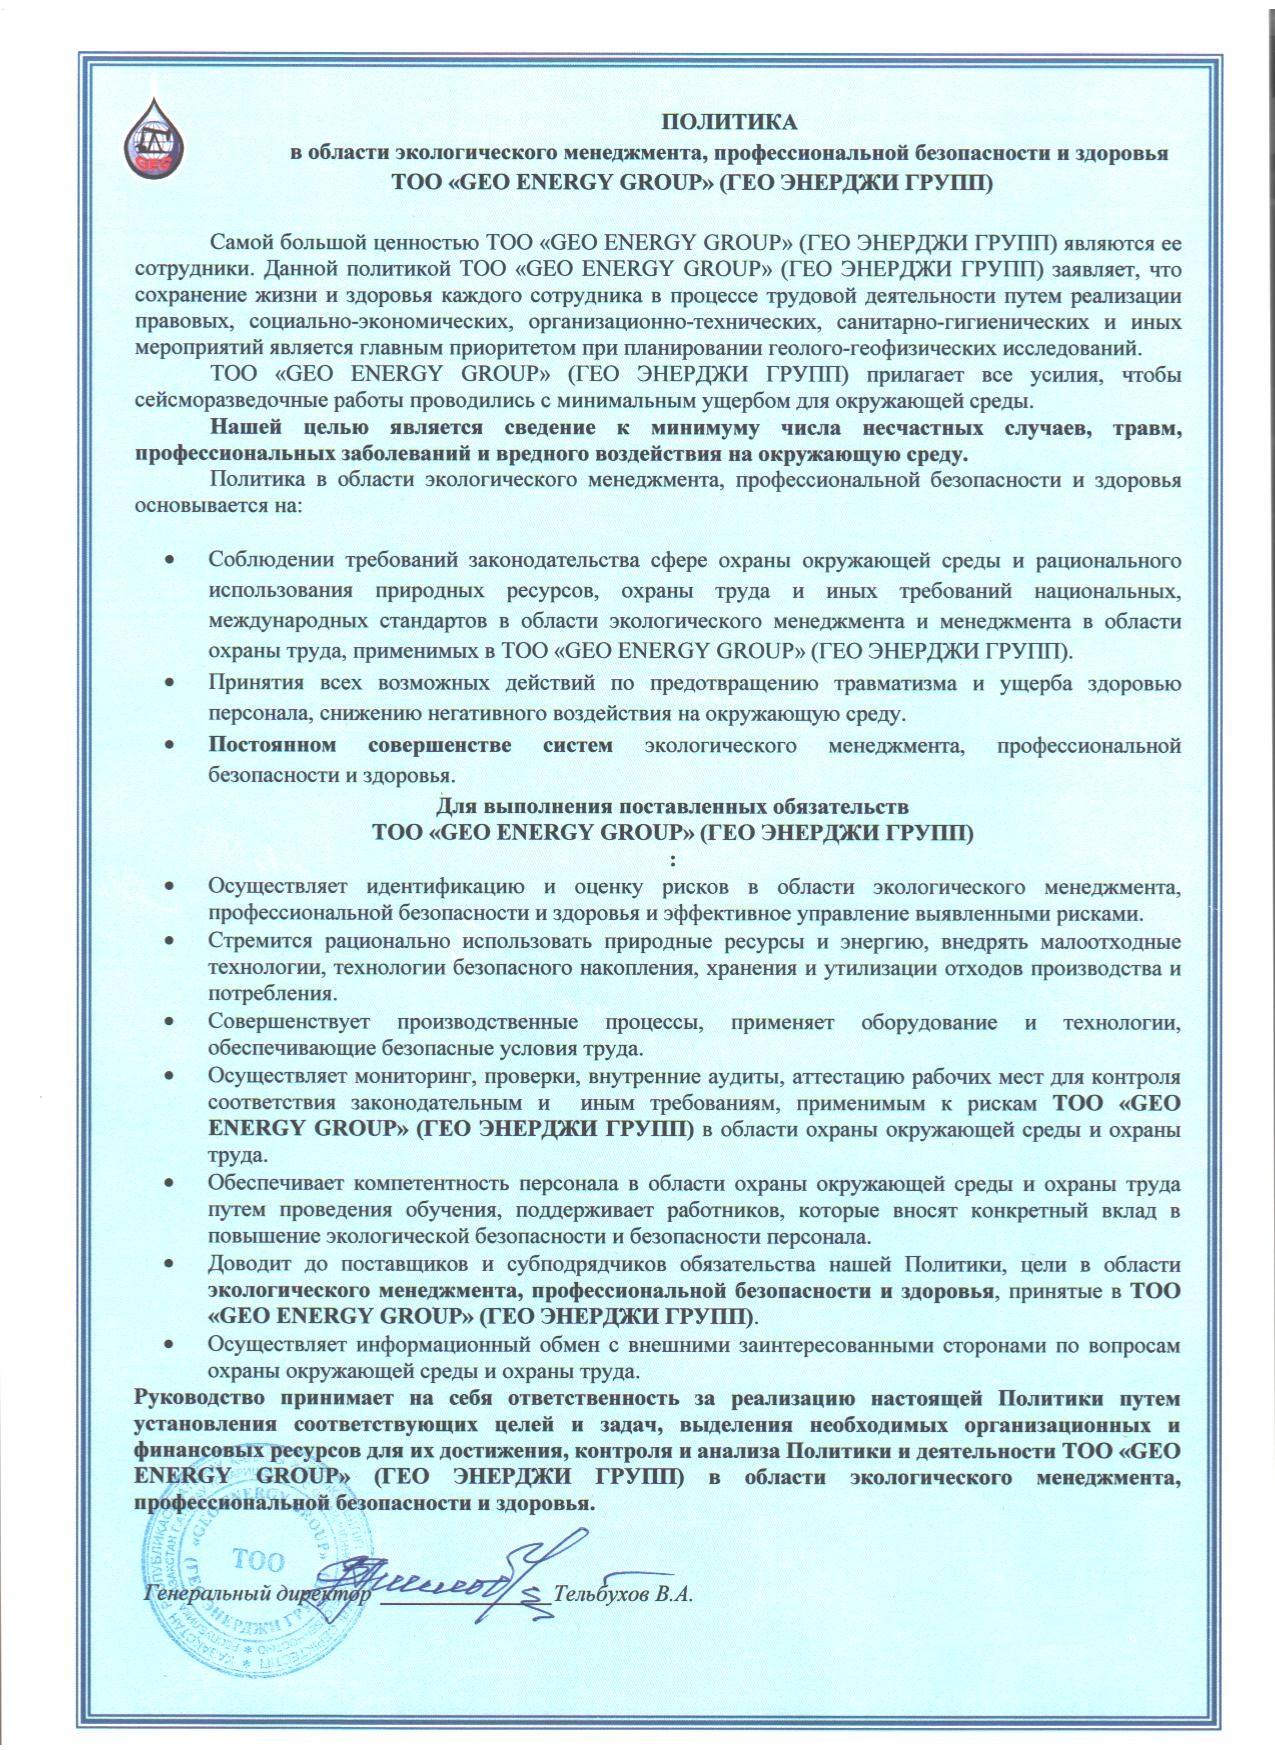 Политика в области эк.менеджмента, проф.без. и здоровья